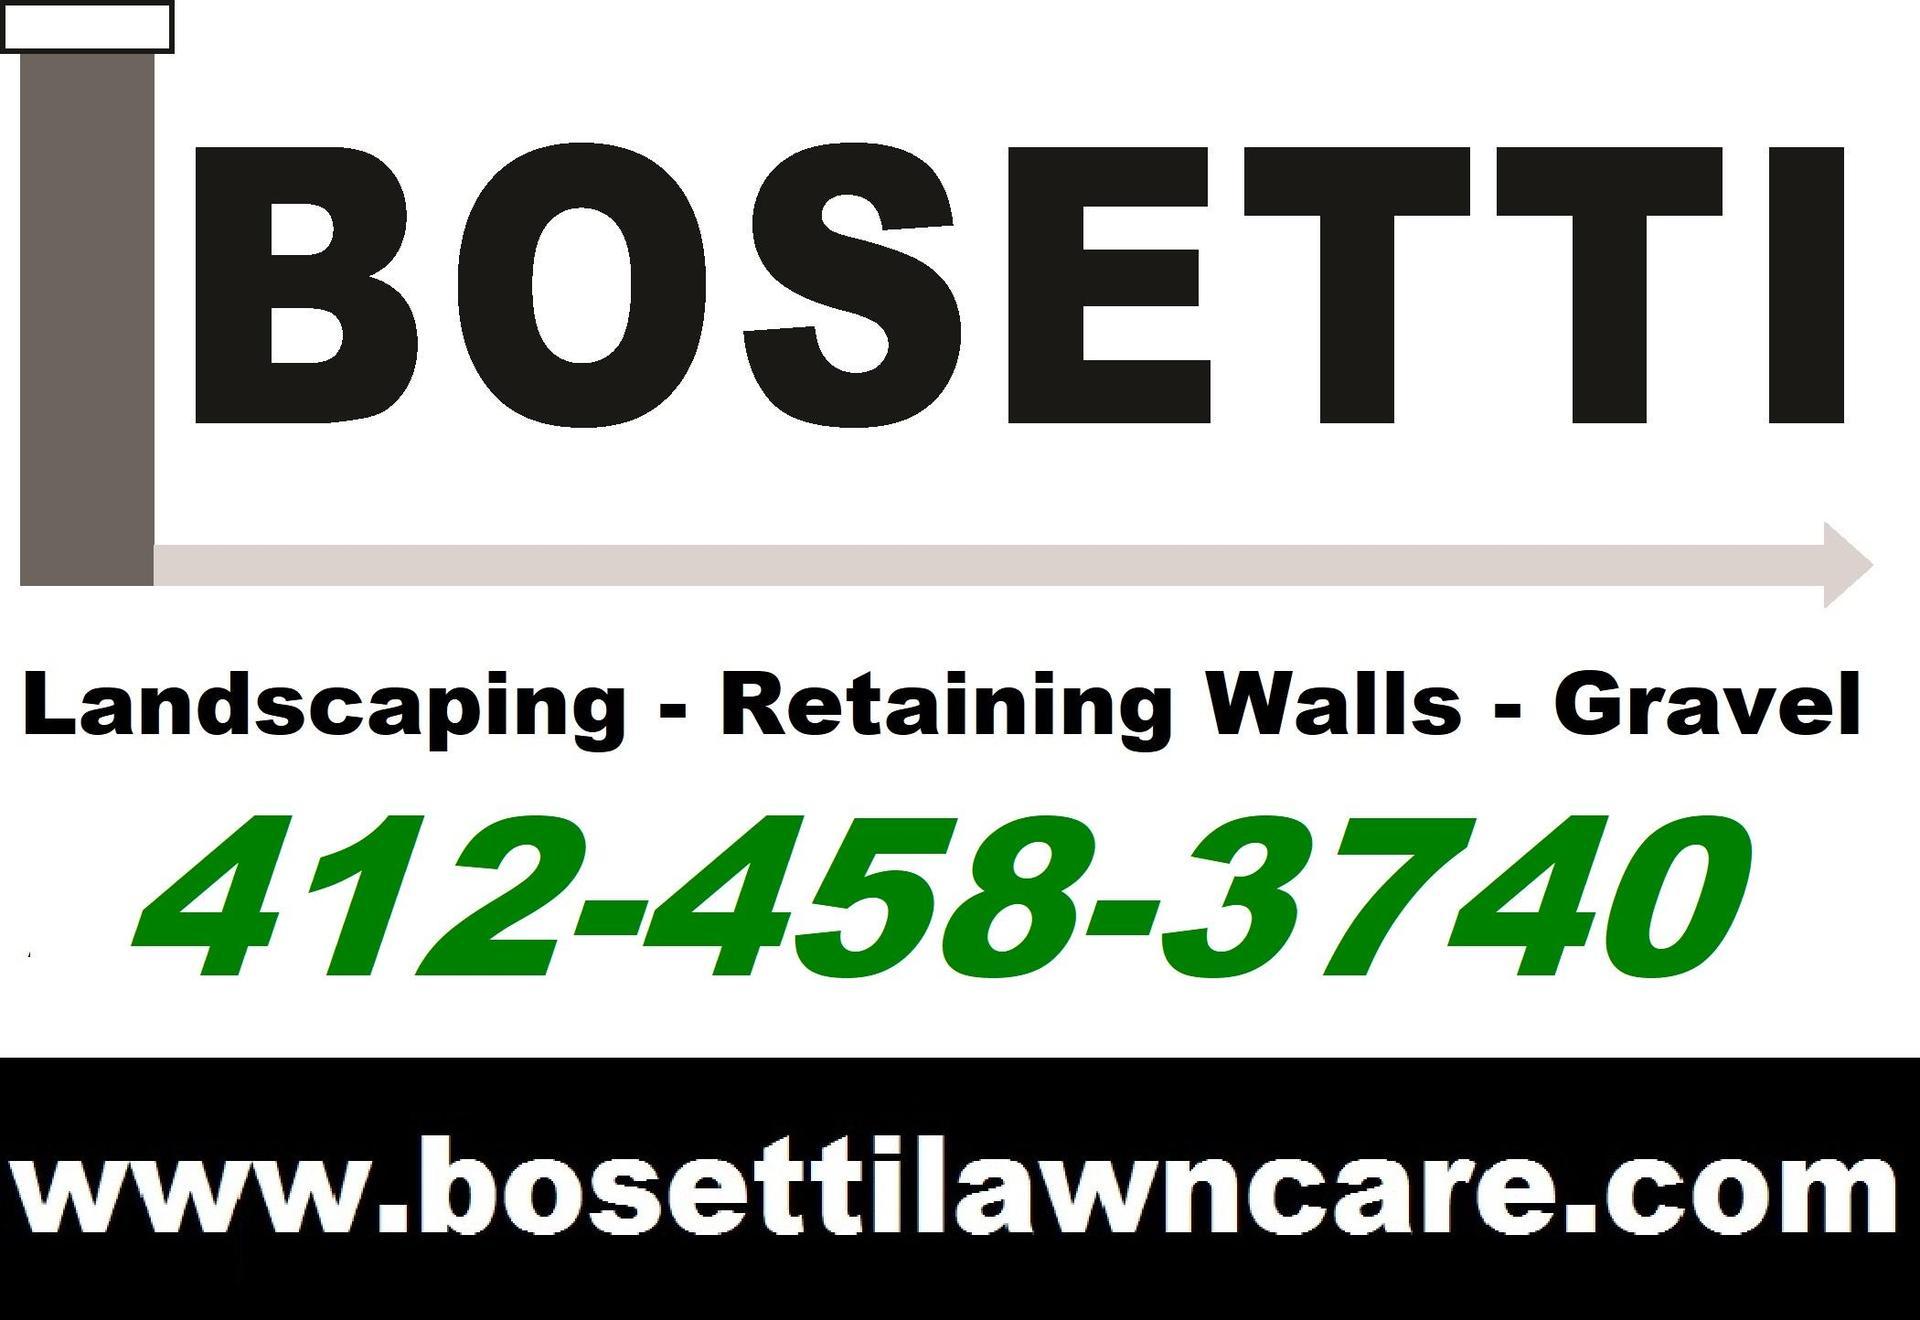 bosetti landscaping